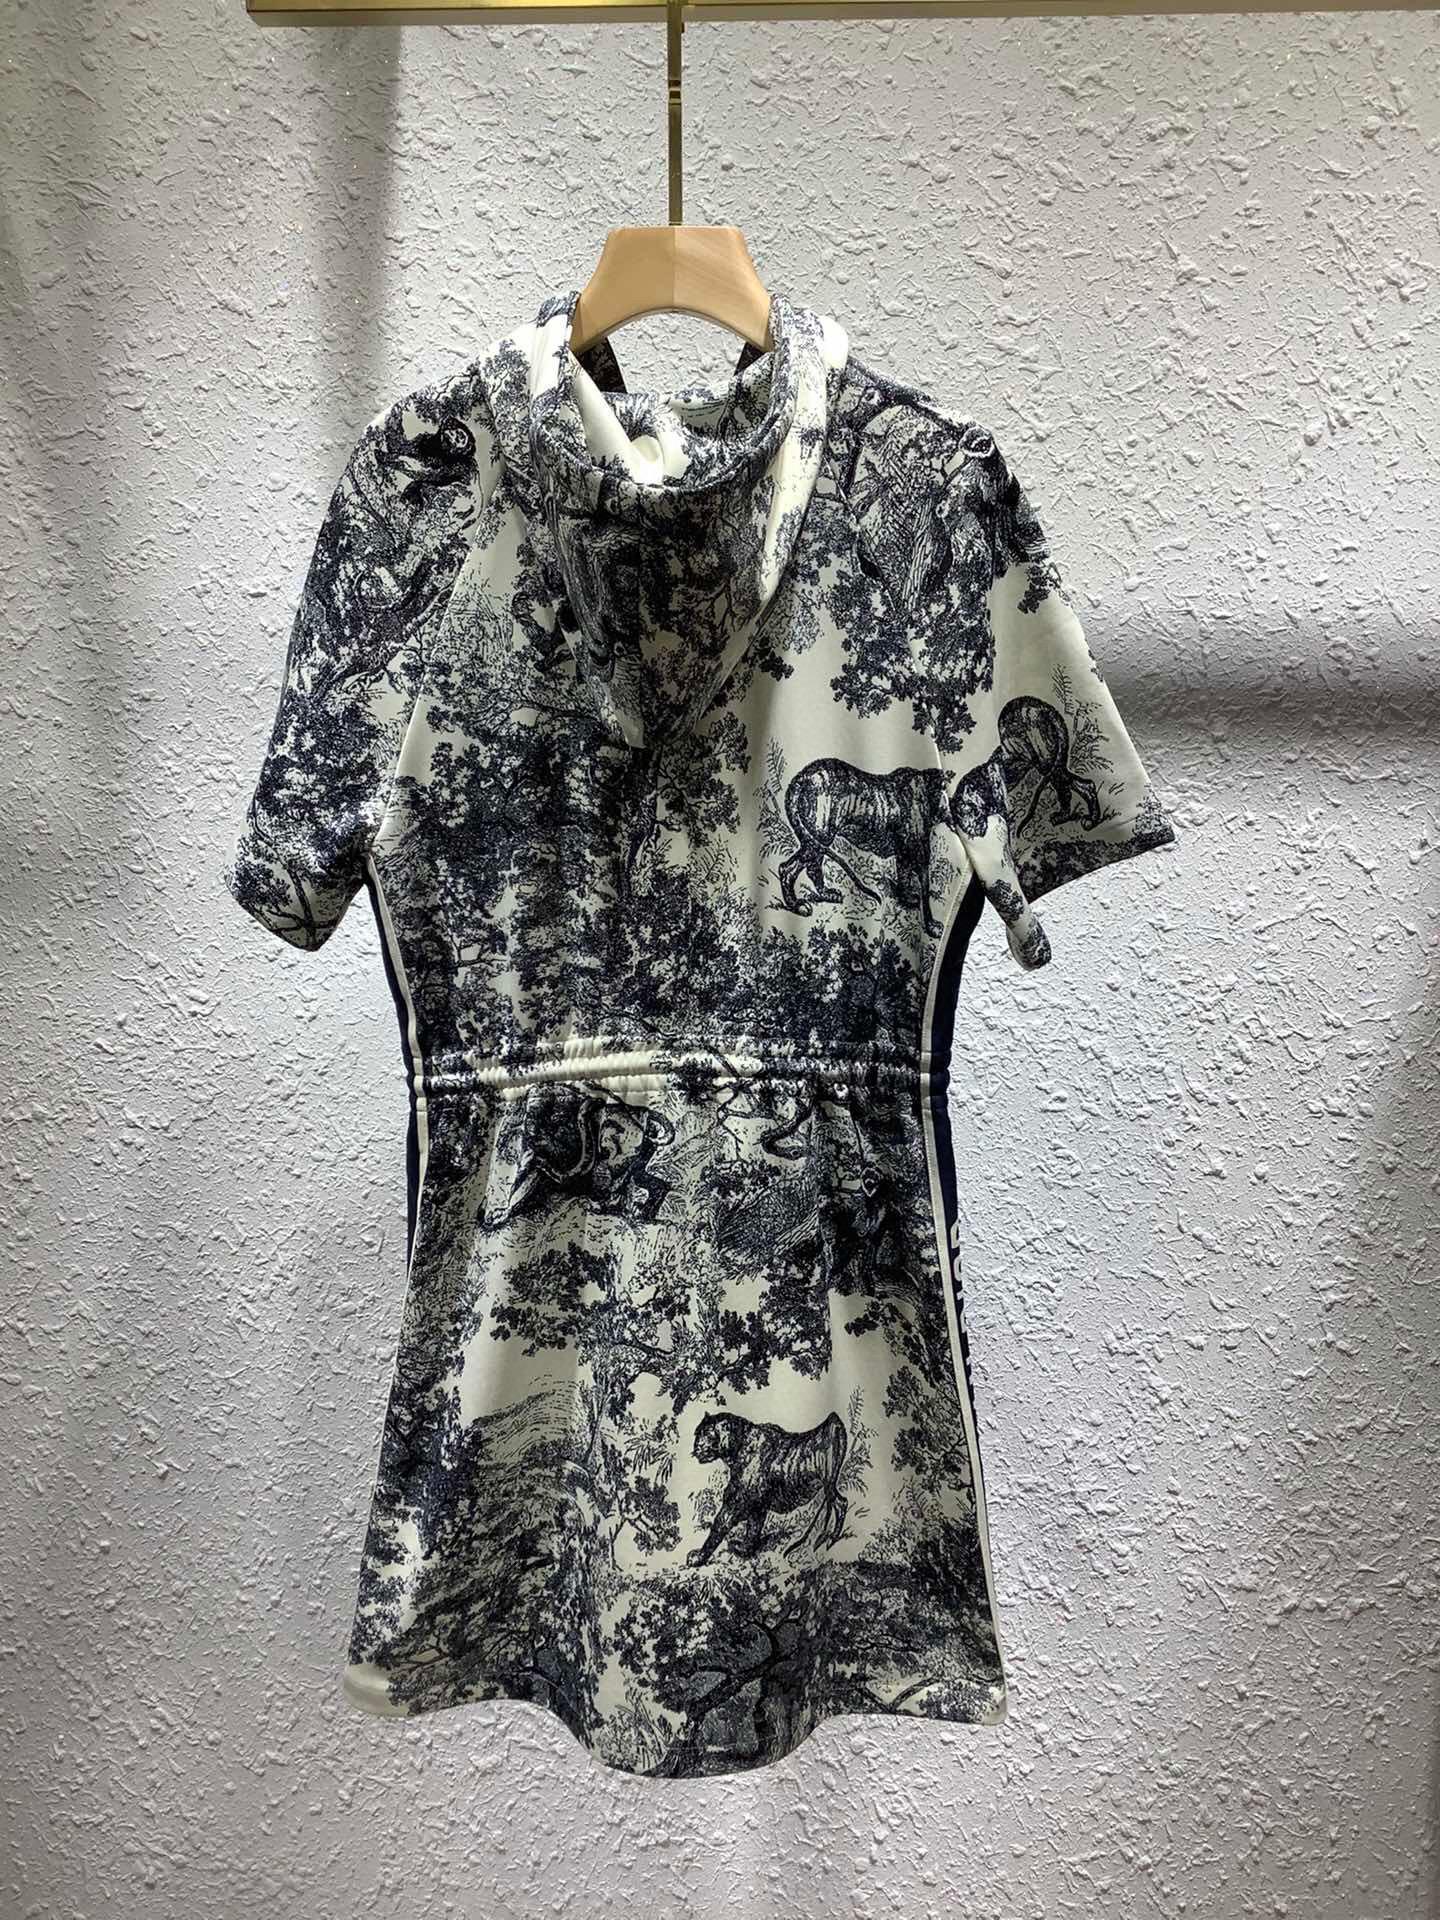 hot sale      women JEAN sweatshirt  hoodies 2021 spring winter dress S-M-L 18